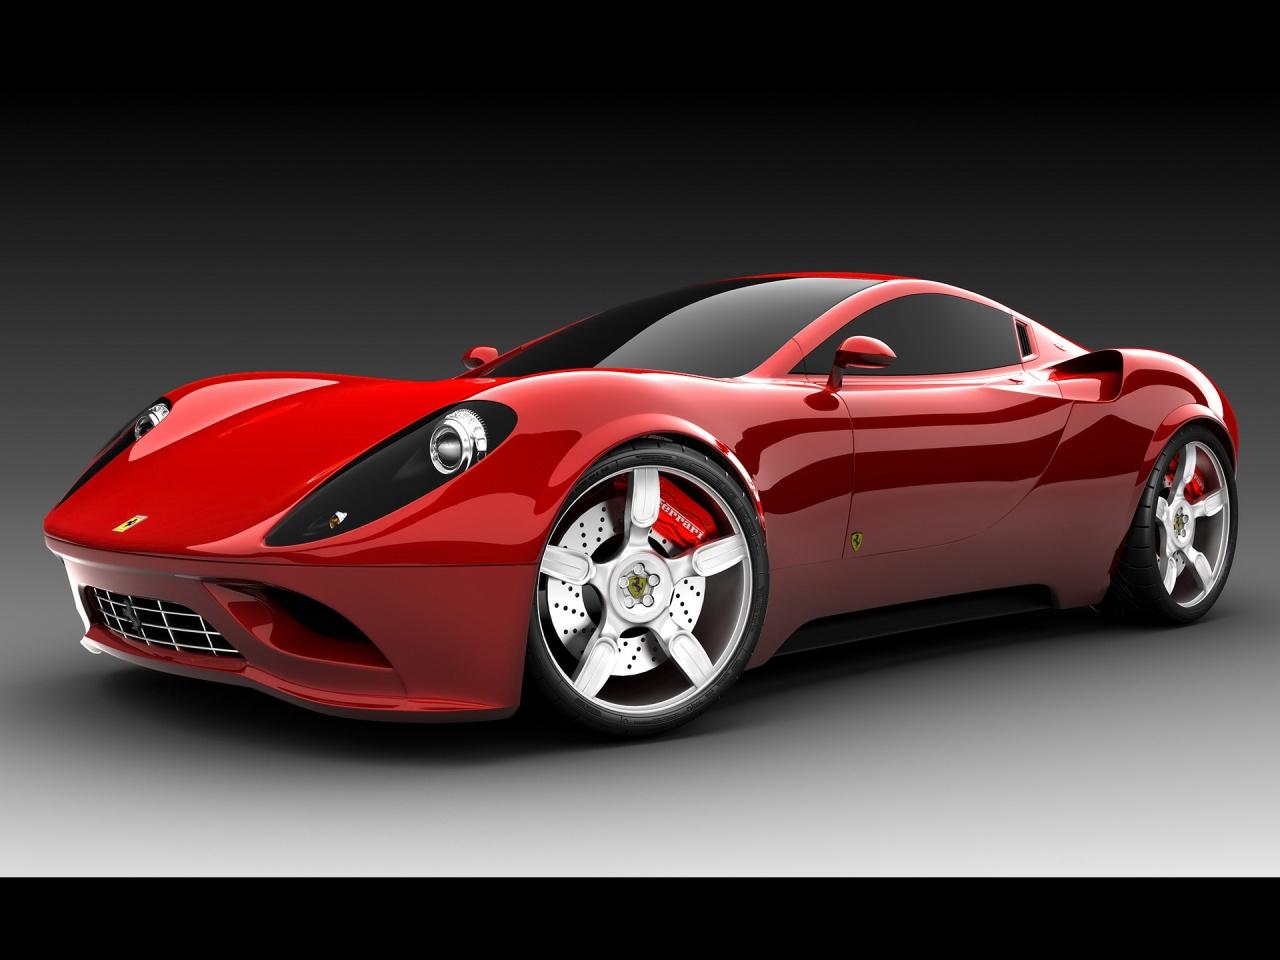 Top Sports Cars Pic Ferrari